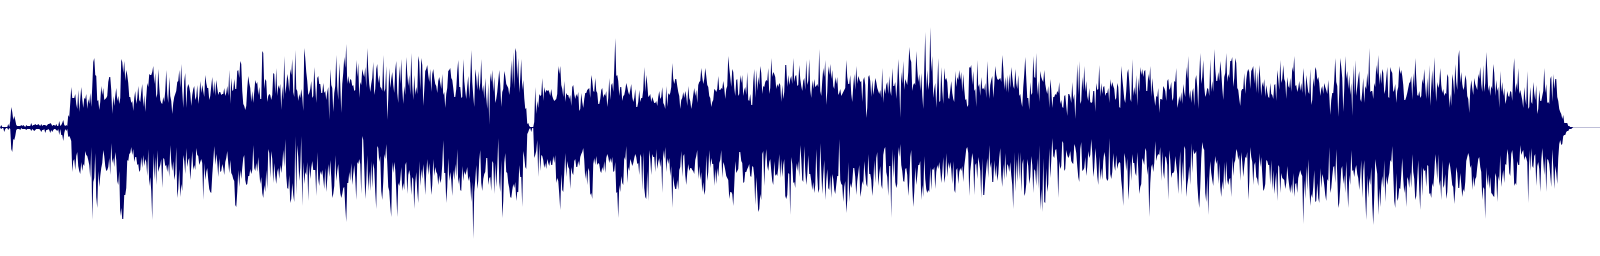 waveform of track #136354